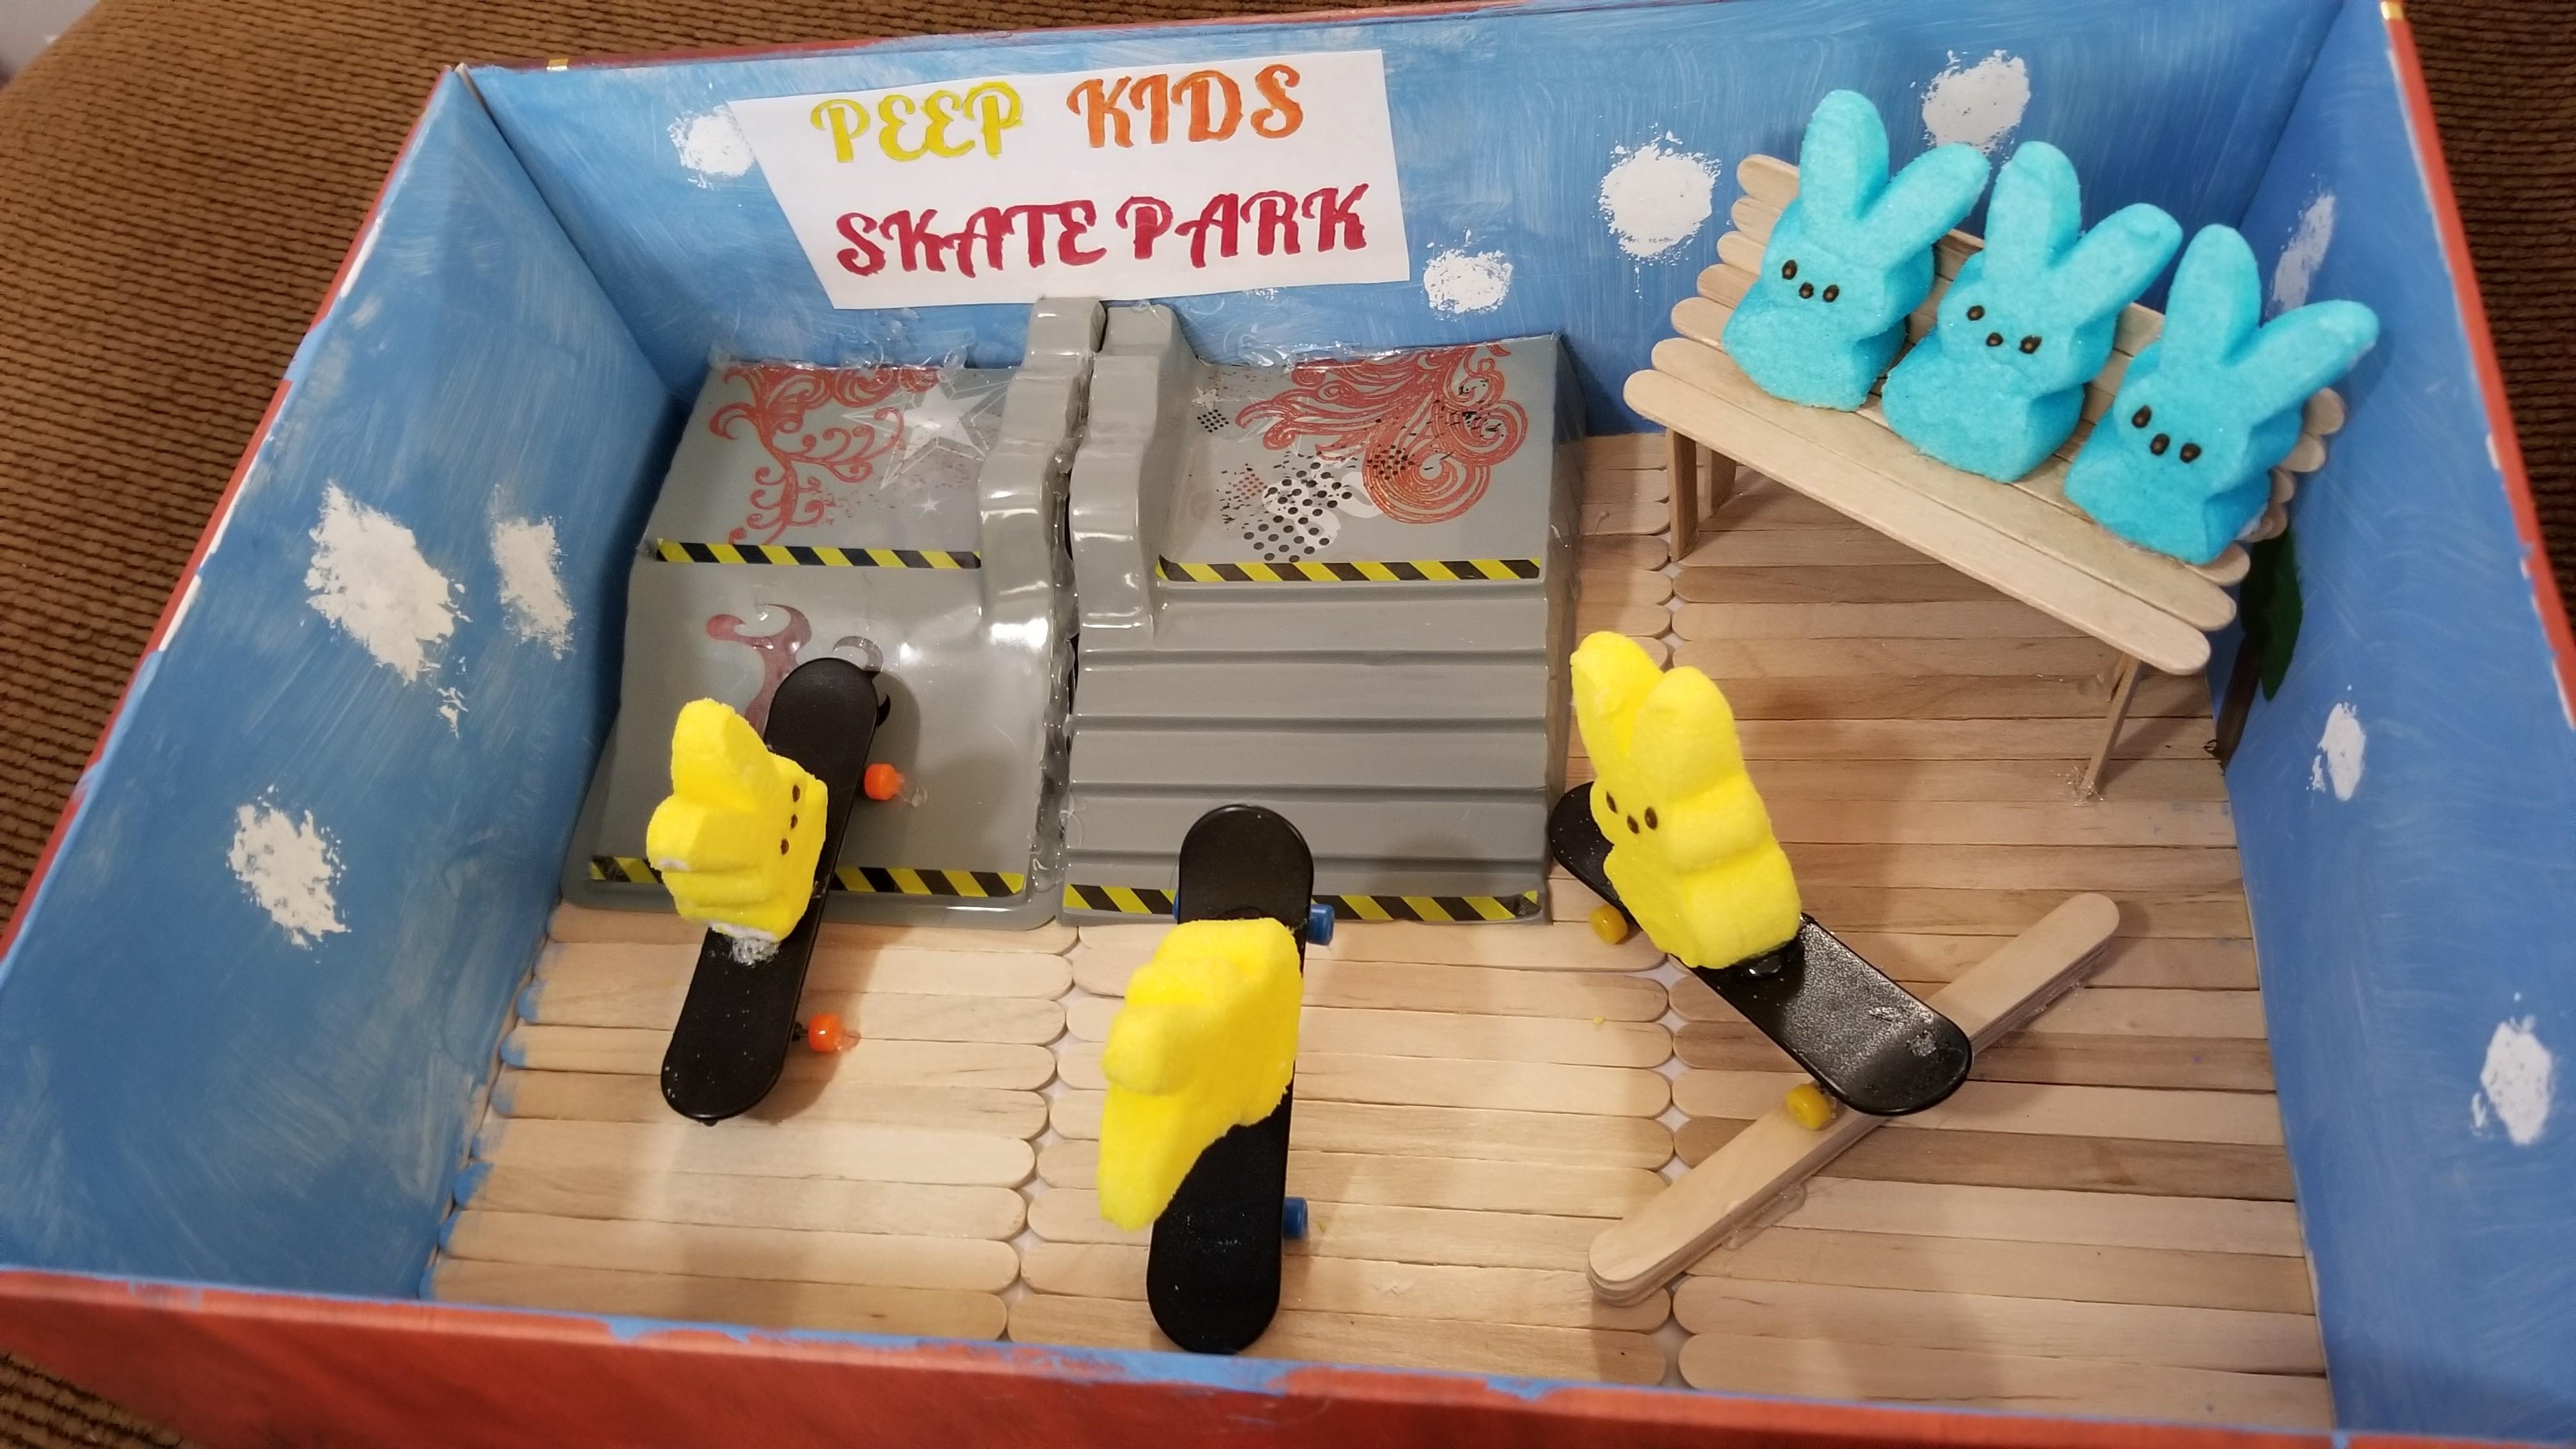 Peep-Kids-Skate-Park.jpg